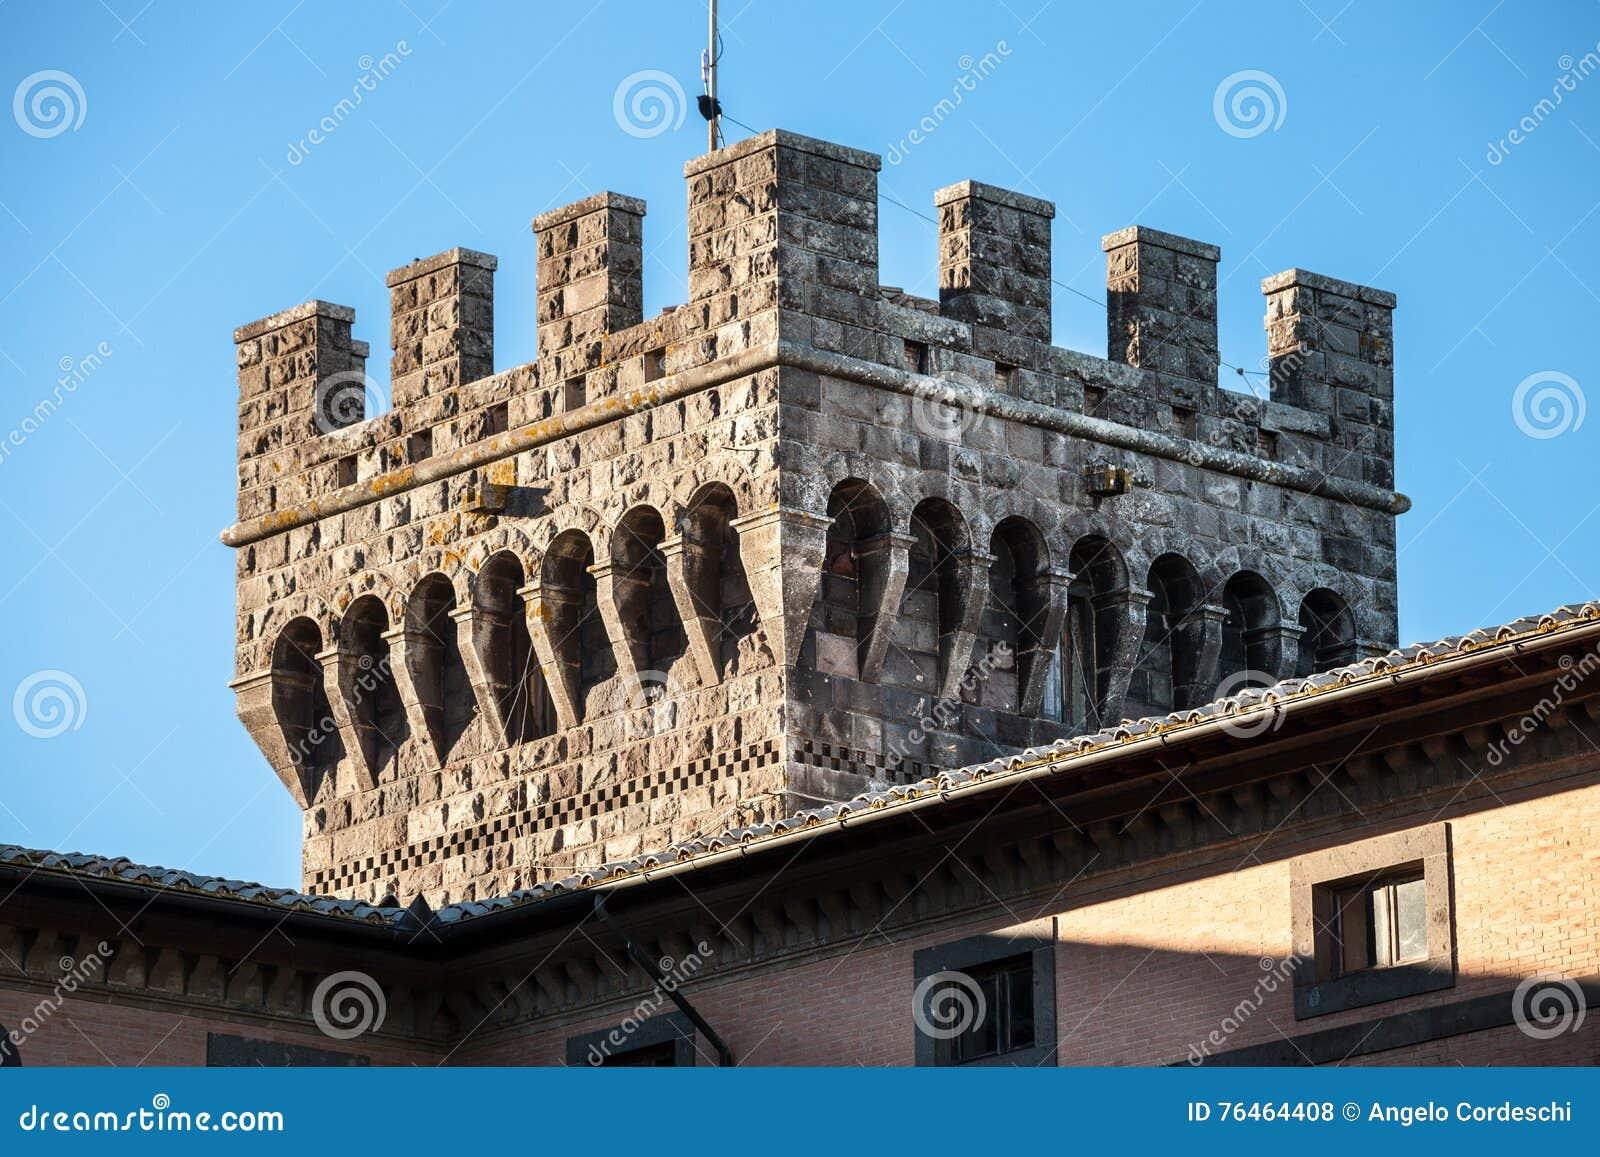 Battlement architecture